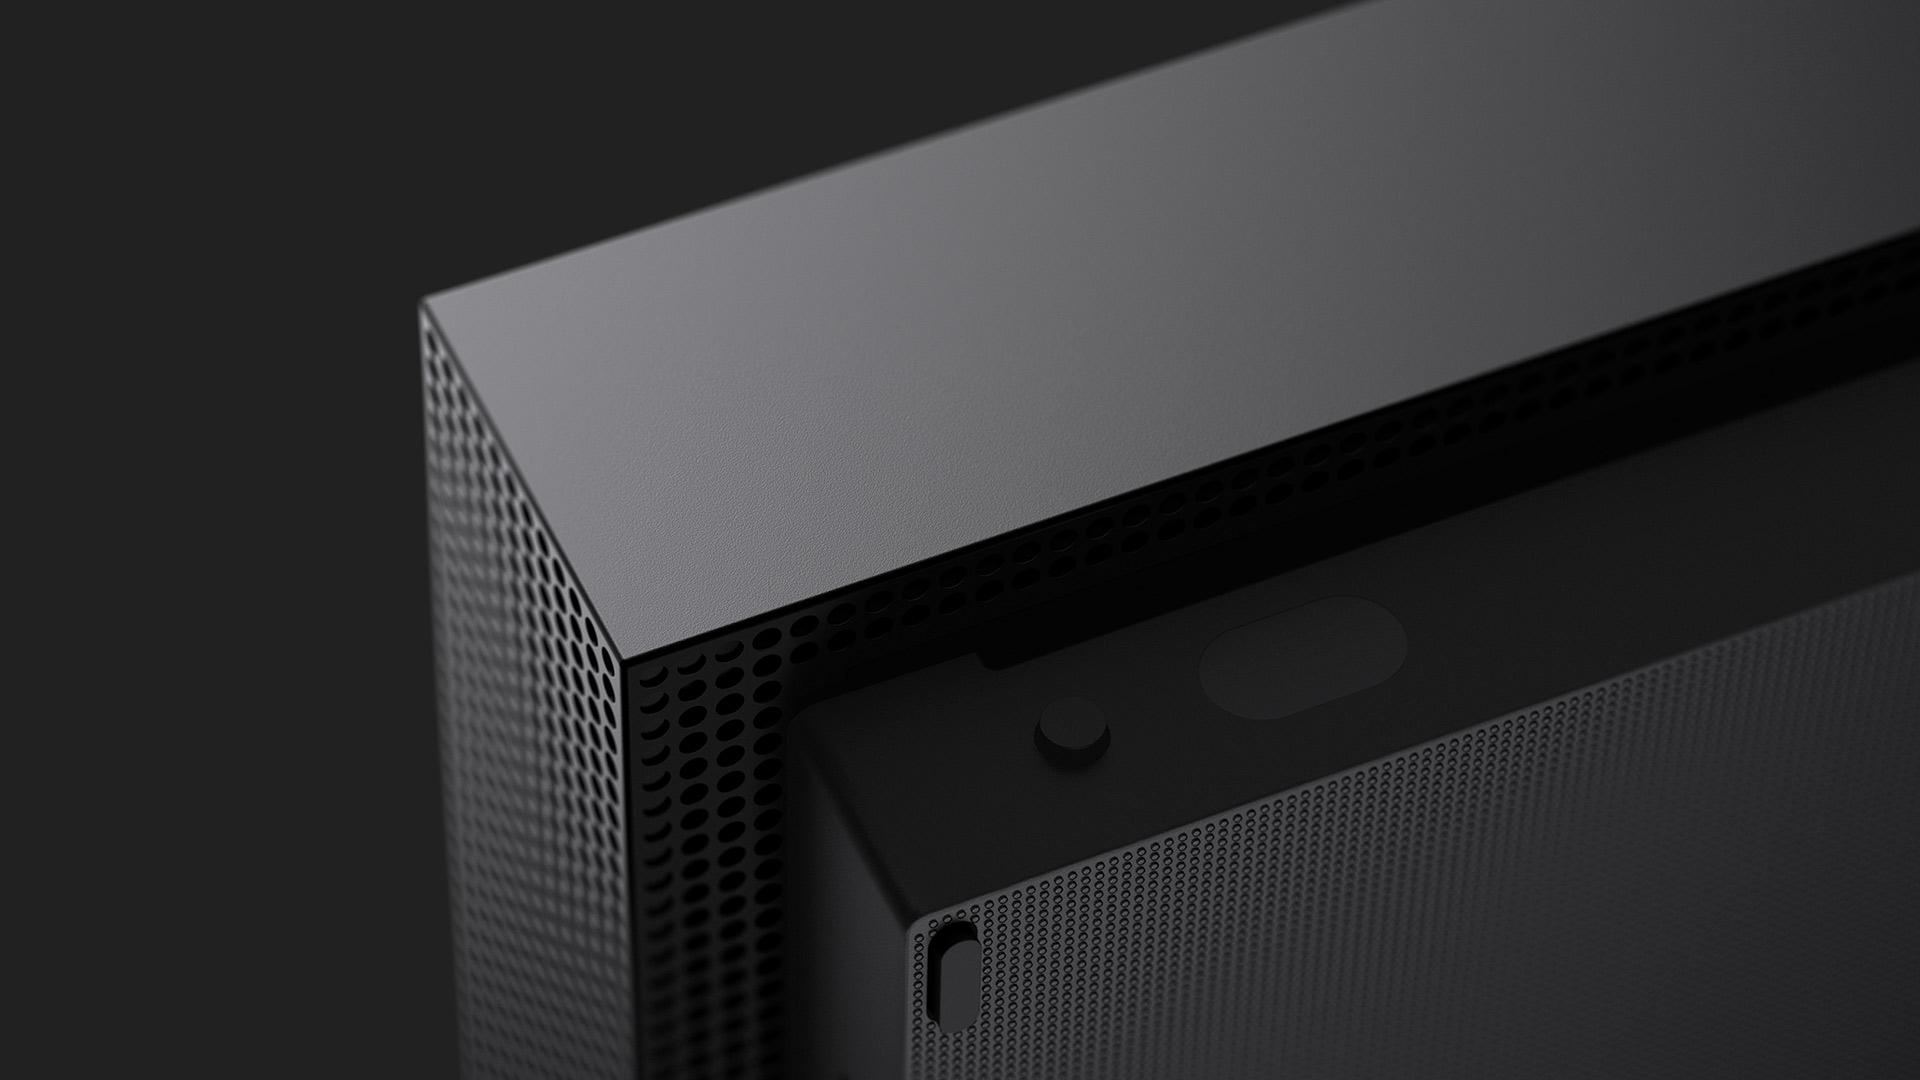 Microsoft entrega mais um excelente design com o Xbox One X